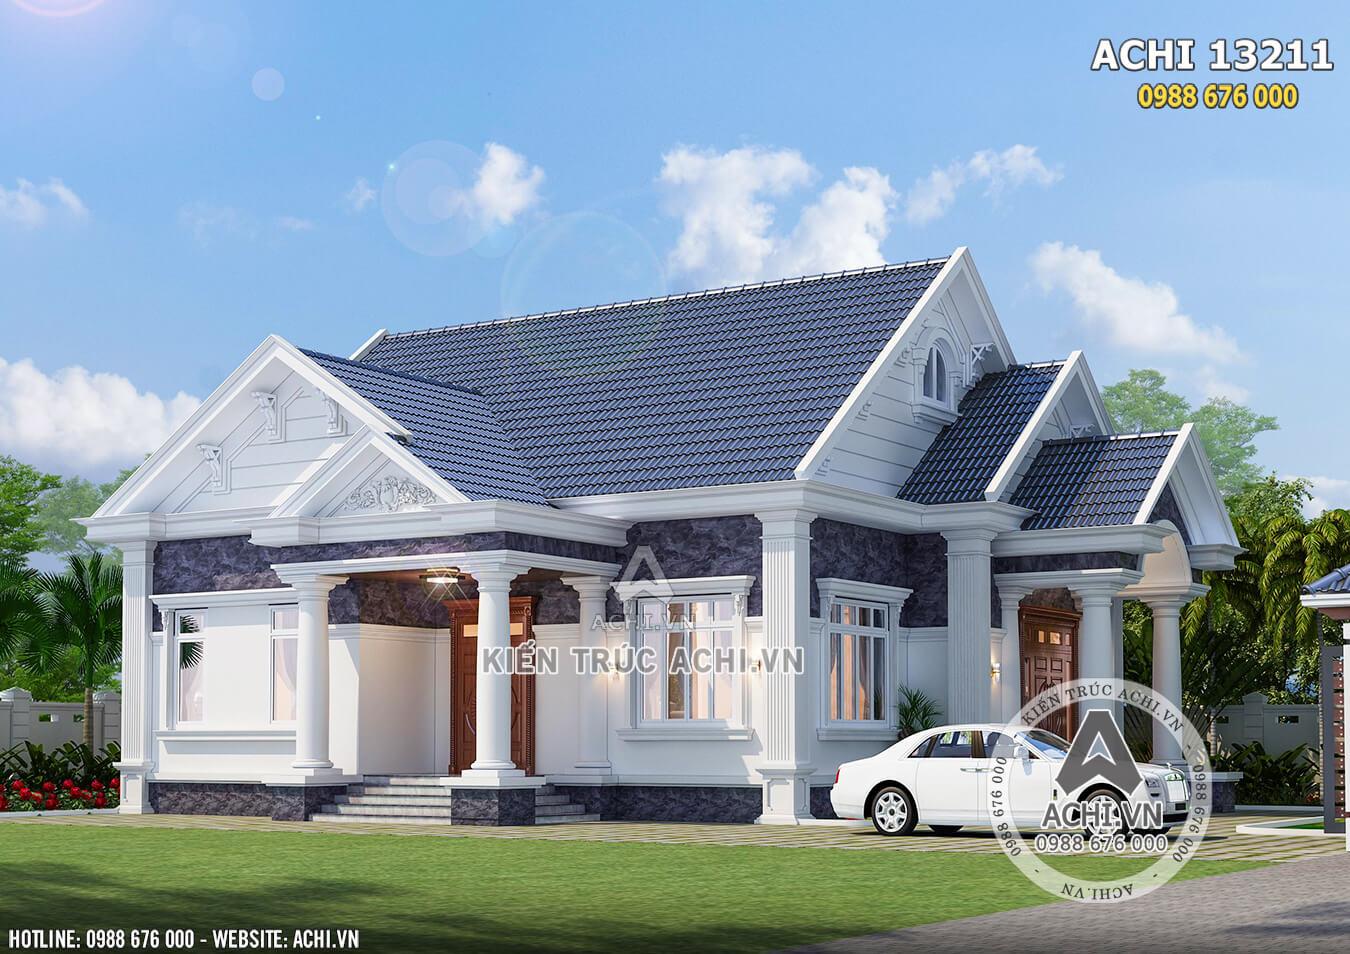 Mẫu thiết kế nhà cấp 4 mái Thái đẹp đẹp Đồng Nai với kiến trúc tân cổ điển cuốn hút